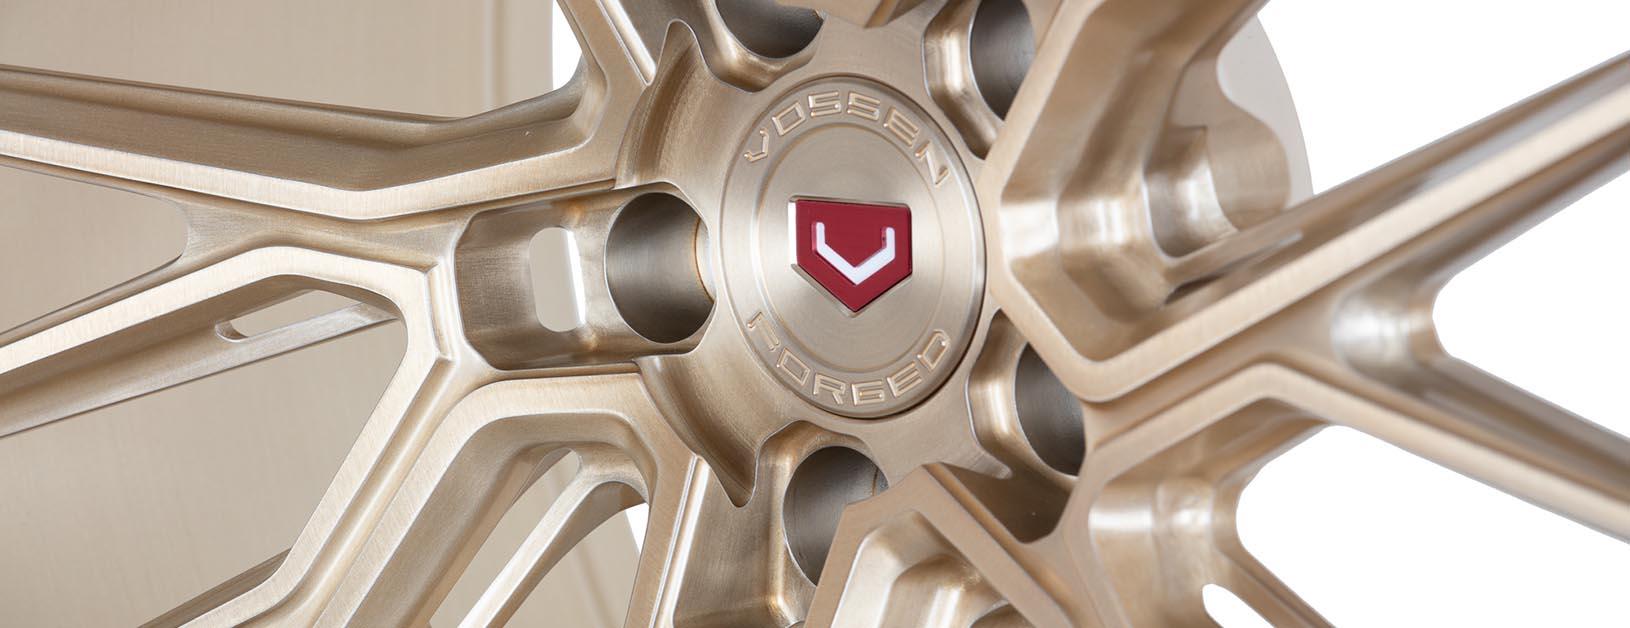 Vossen-EVO-6T-C09-Patina-Gold-Brushed-EVO-Series-©-Vossen-Wheels-2019-0037-Edit